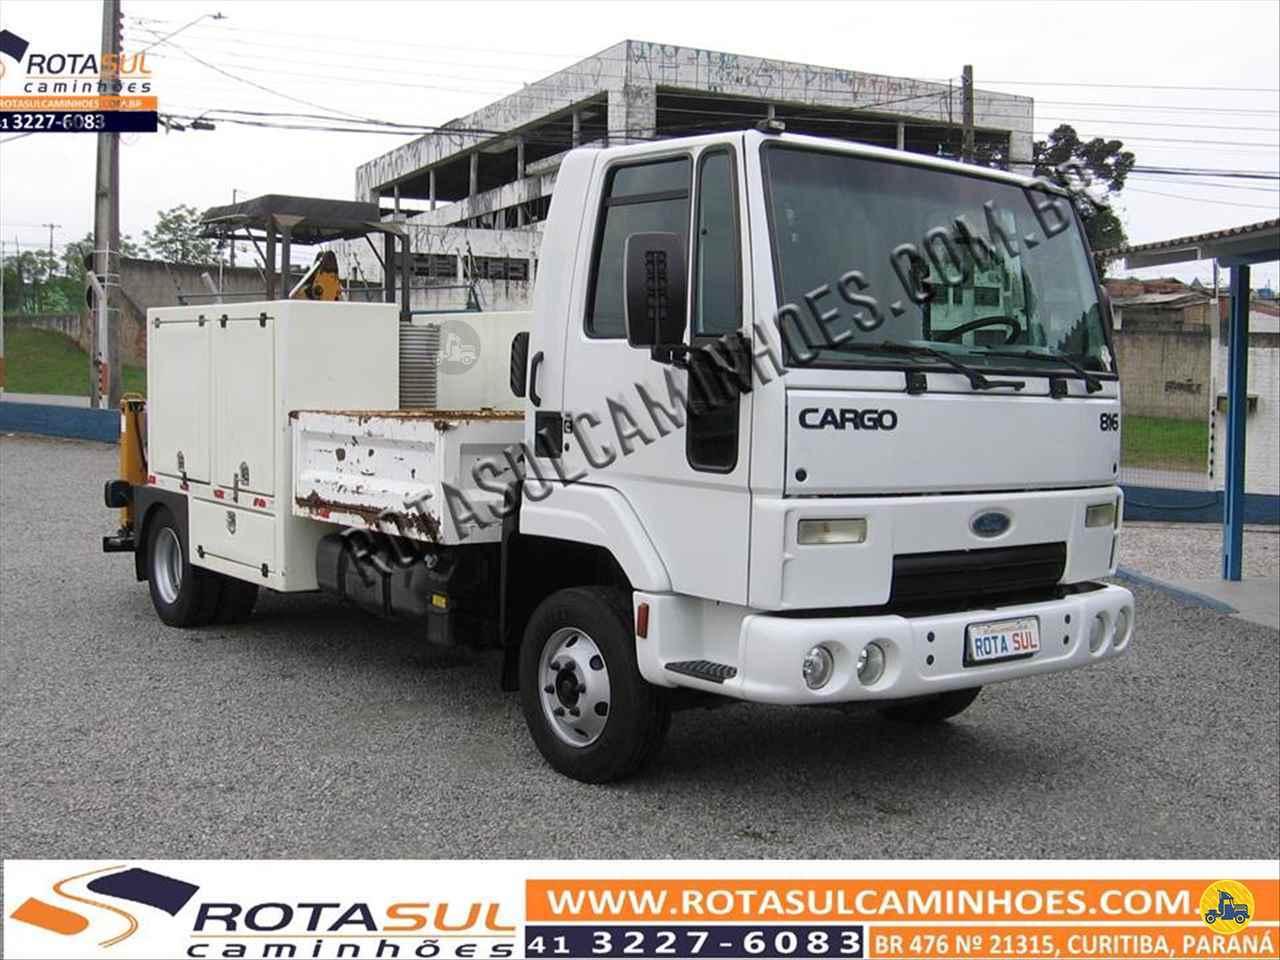 CAMINHAO FORD CARGO 816 Escavadeira Valetadeira 3/4 4x2 Rota Sul Caminhões CURITIBA PARANÁ PR